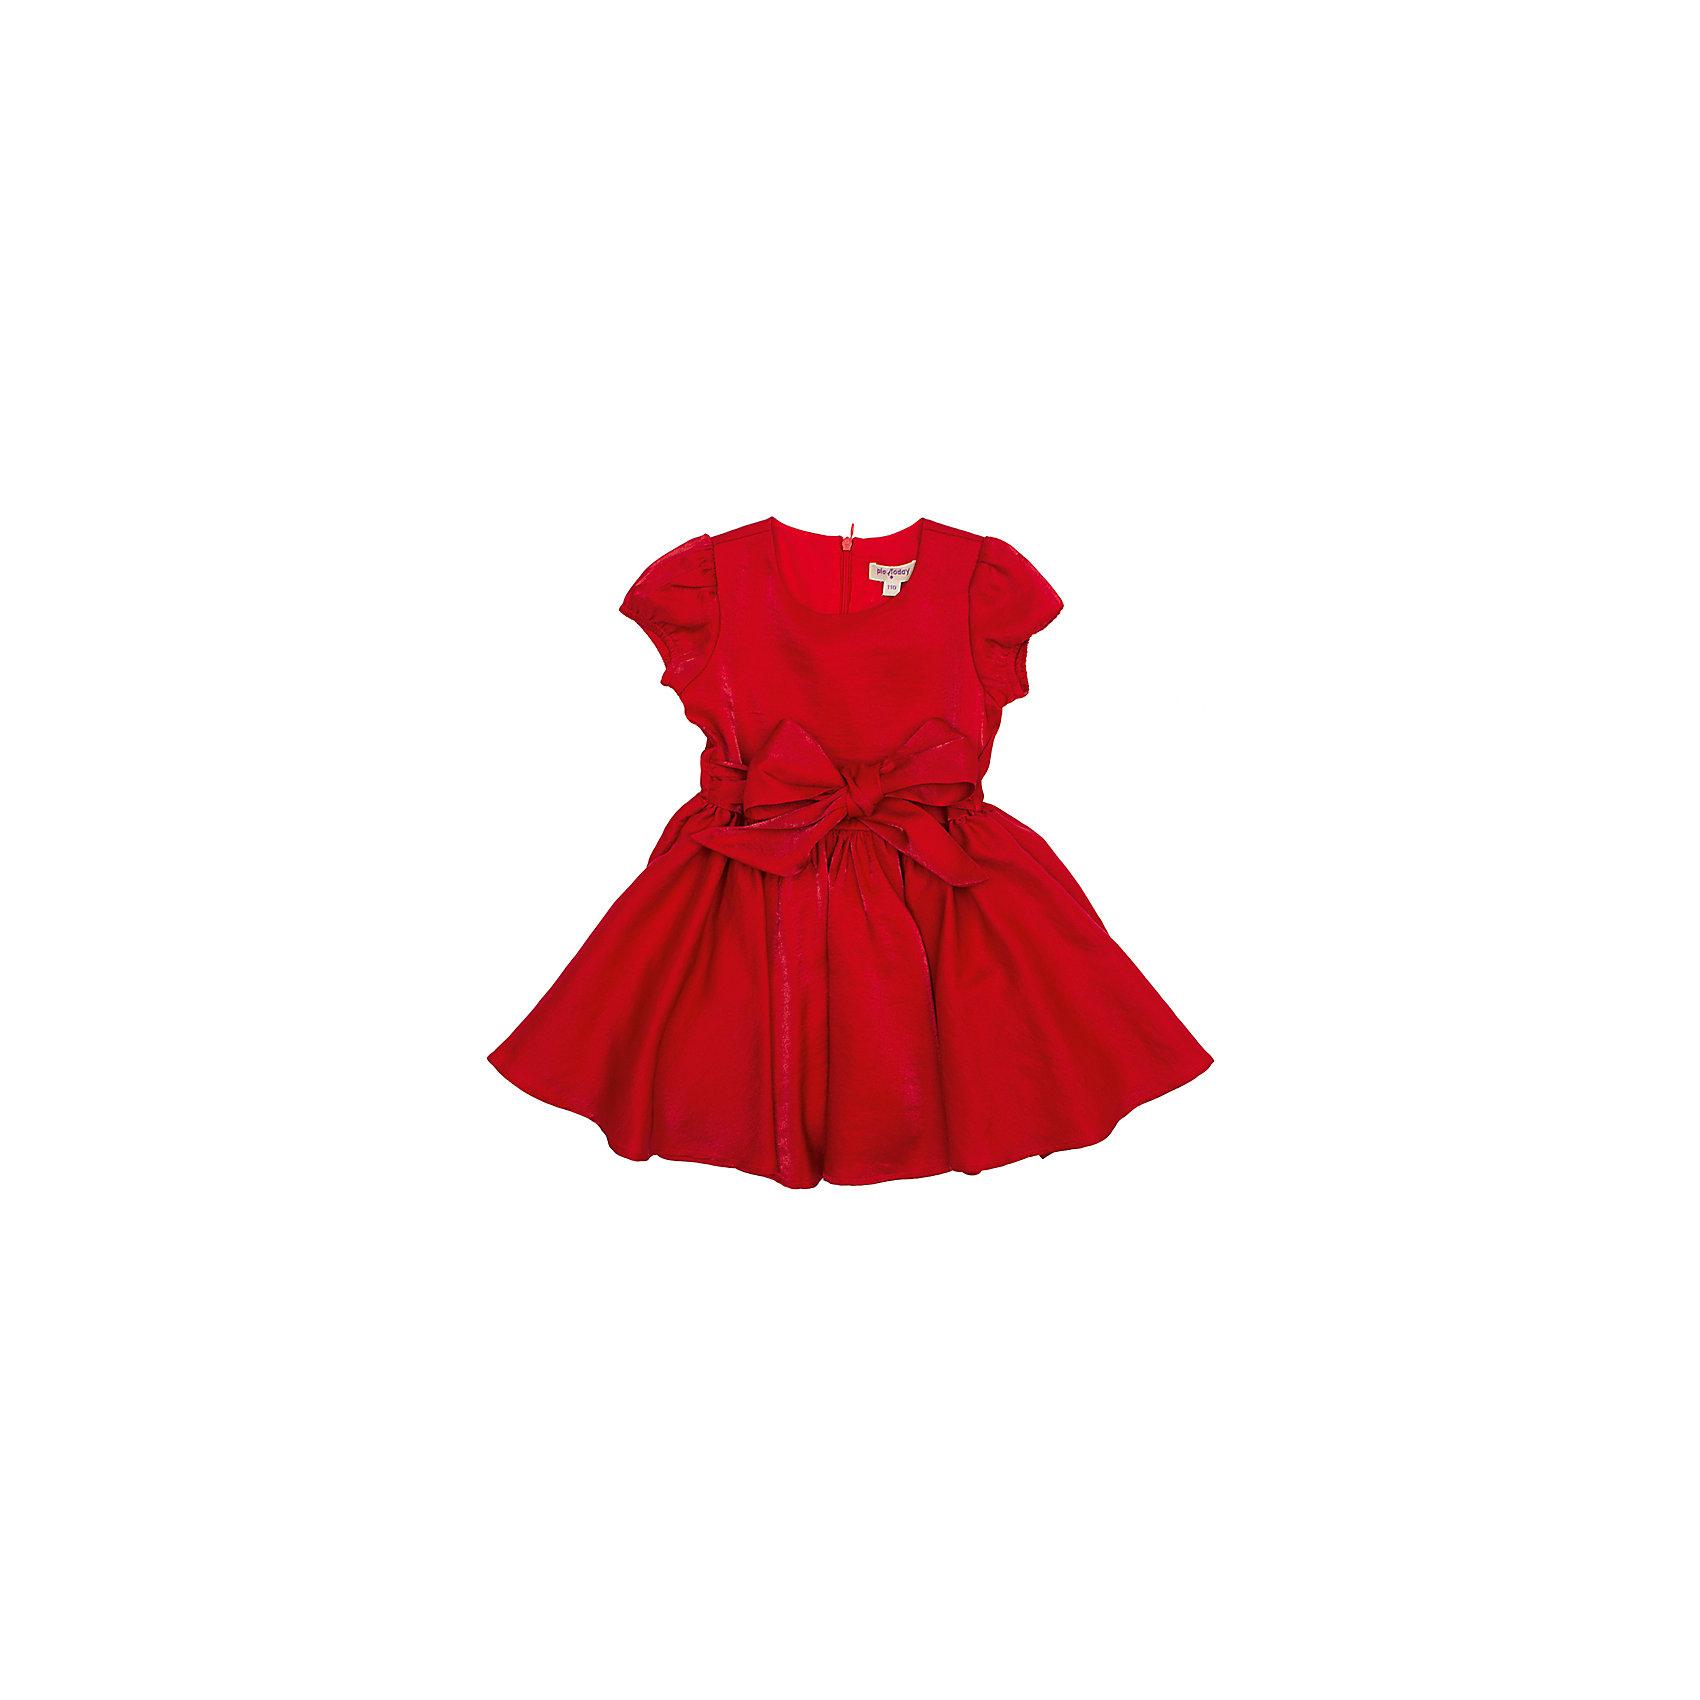 Платье PlayTodayПлатье PlayToday. <br>Состав: верх: 70% вискоза, 30% нейлон, подкладка: 100% хлопок <br><br>*атласное платье <br>*пышная юбка <br>*атласный широкий пояс<br>*застежка - потайная молния<br><br>Ширина мм: 236<br>Глубина мм: 16<br>Высота мм: 184<br>Вес г: 177<br>Цвет: красный<br>Возраст от месяцев: 24<br>Возраст до месяцев: 36<br>Пол: Женский<br>Возраст: Детский<br>Размер: 104,98,110,122,128,116<br>SKU: 3892866